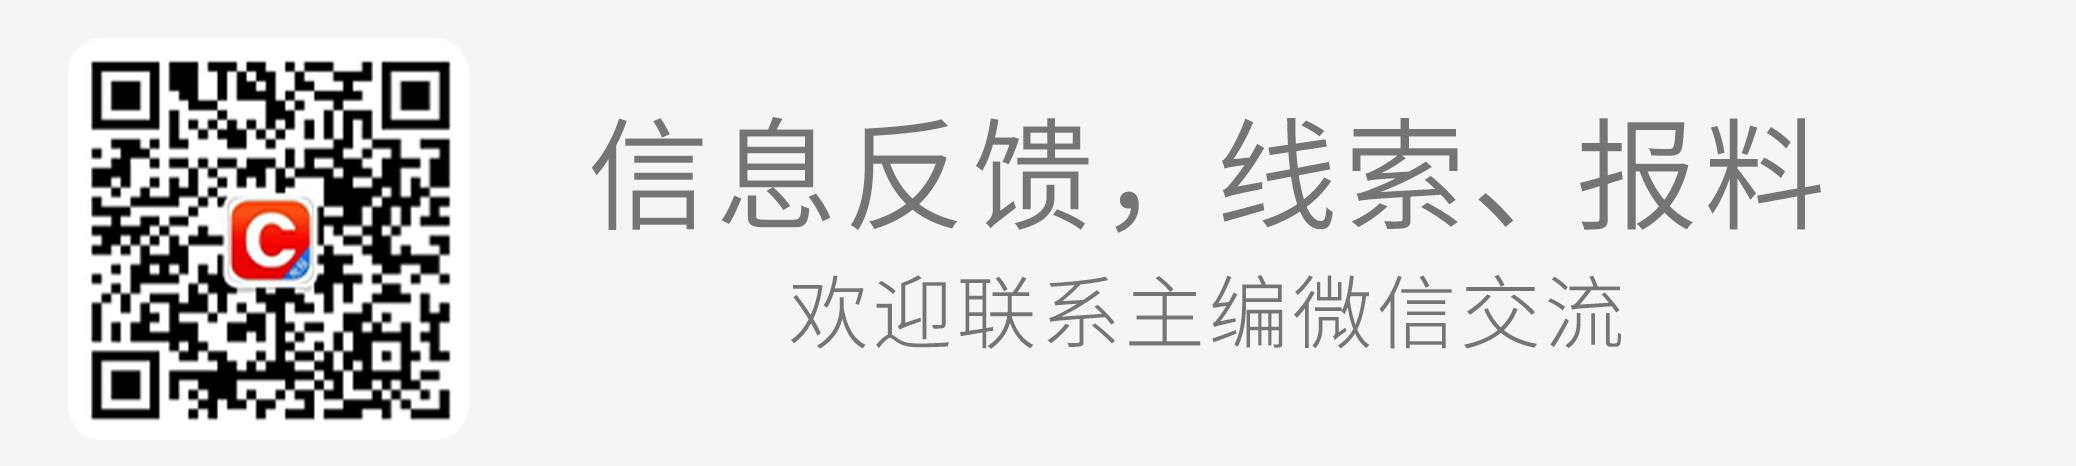 财联社保险早会(7月21日)